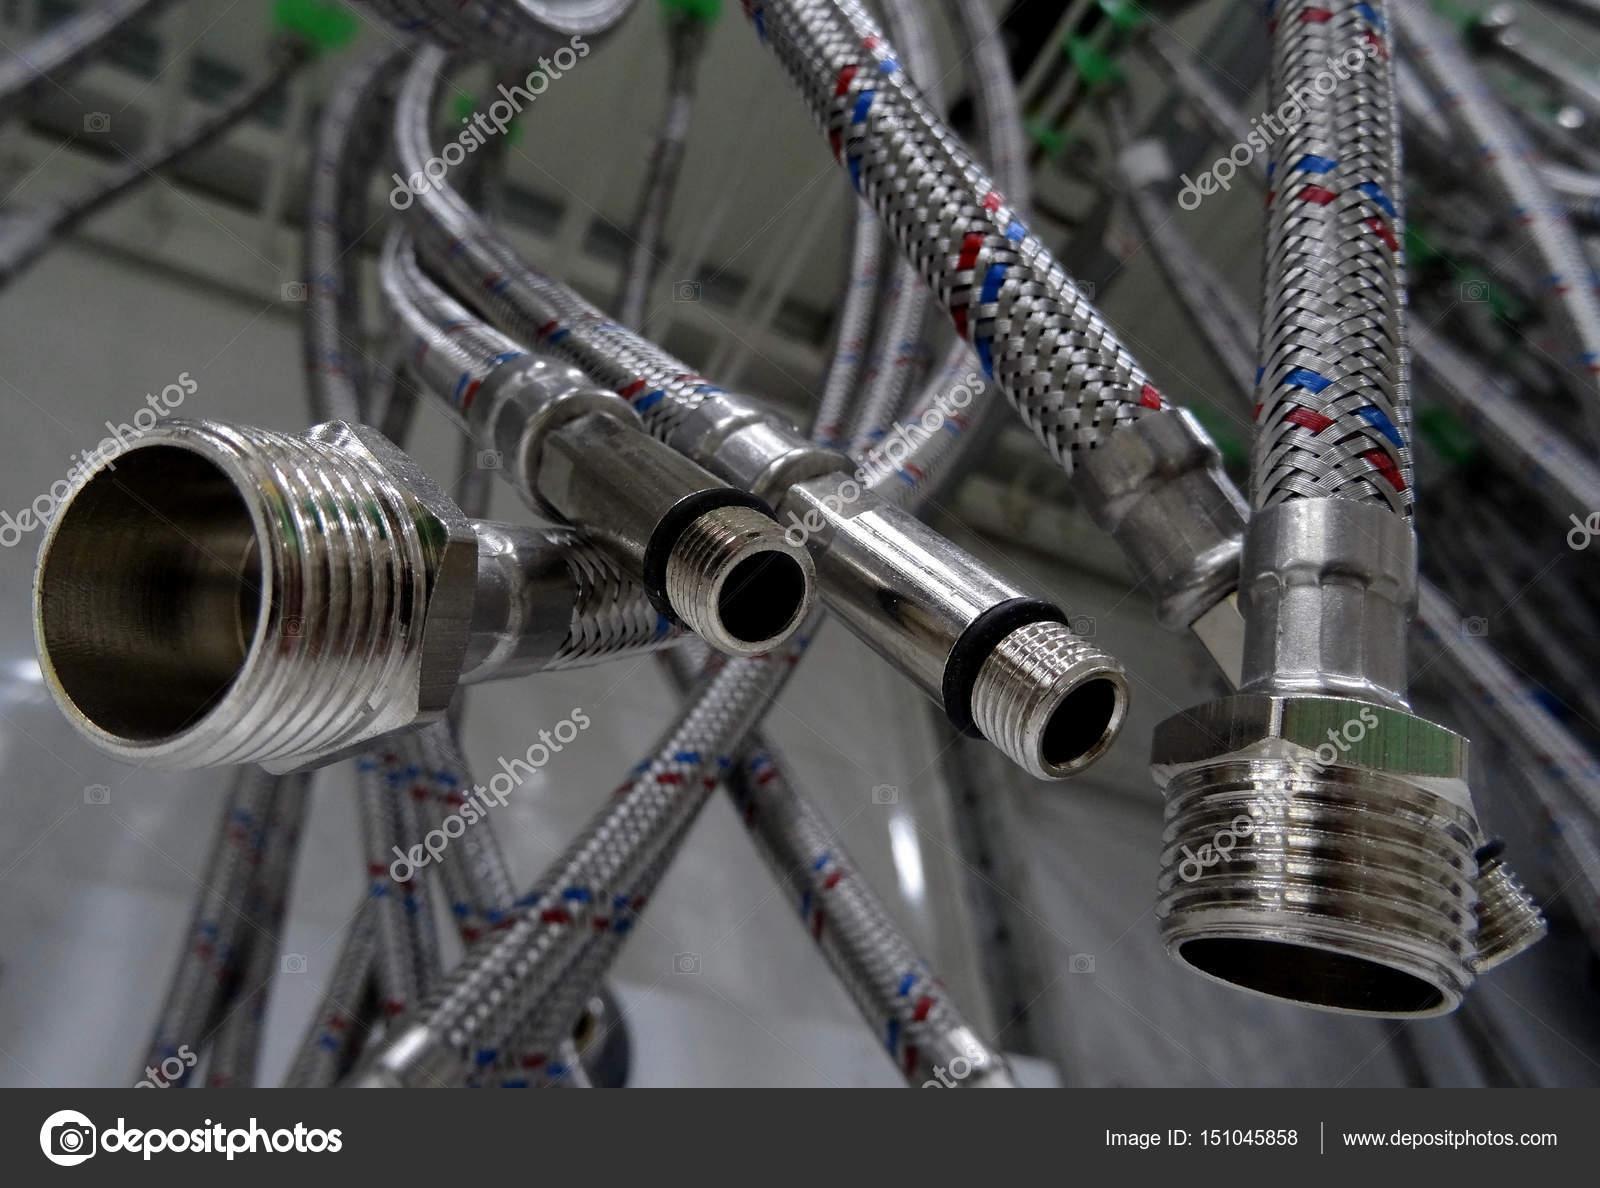 Μεταλλικές σωλήνες υψηλής πίεσης που κρέμονται closeup υφή φωτογραφία  απόθεμα — Φωτογραφία Αρχείου 08bf9f5c6cf